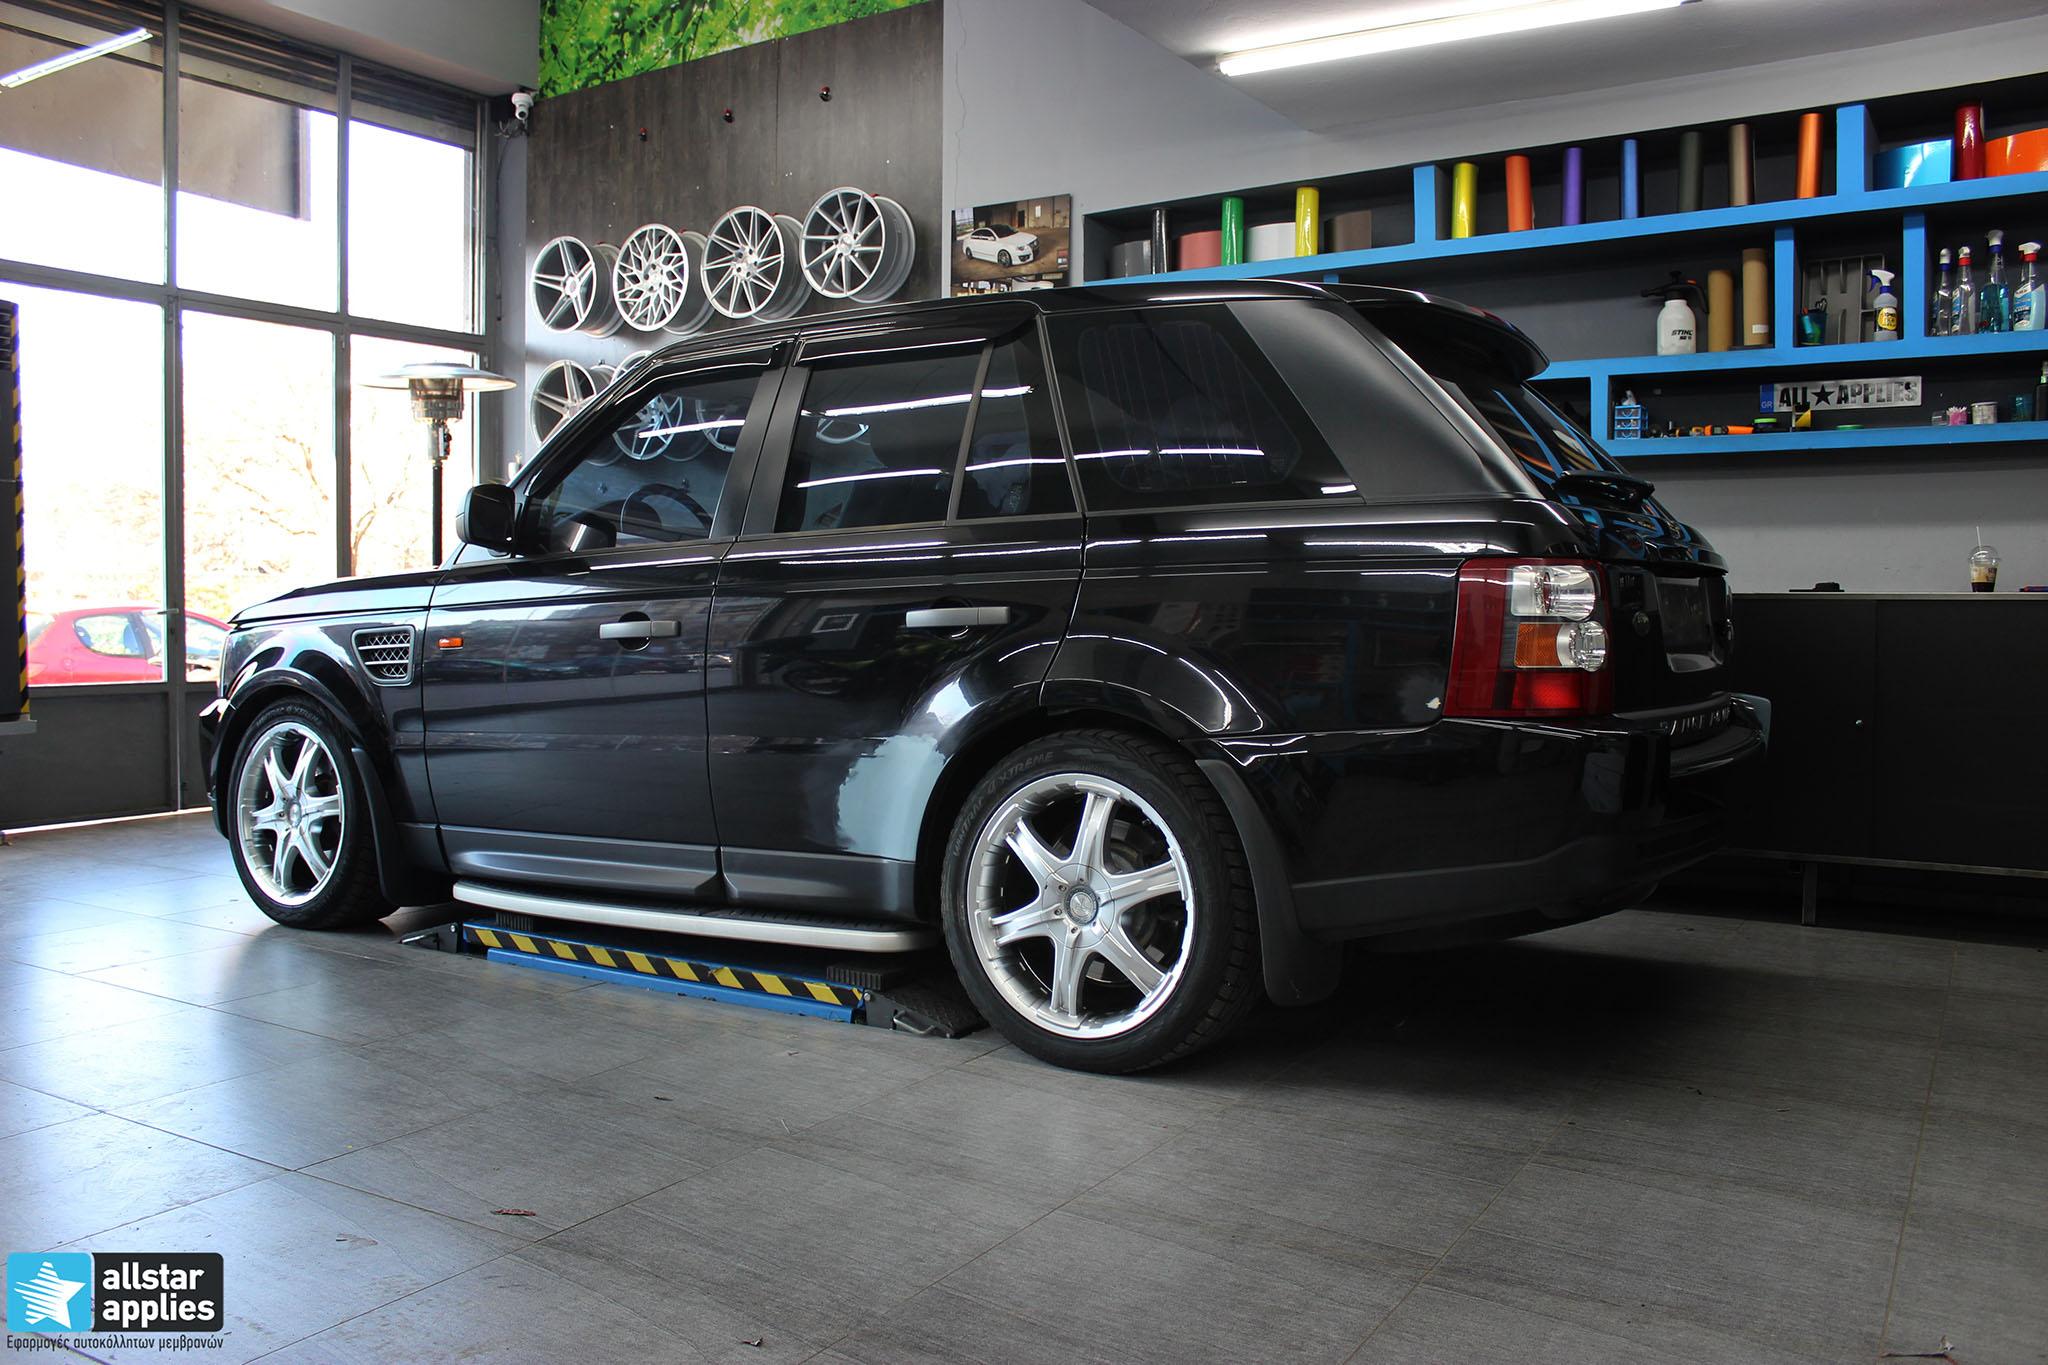 Range Rover – White Metallic (10)